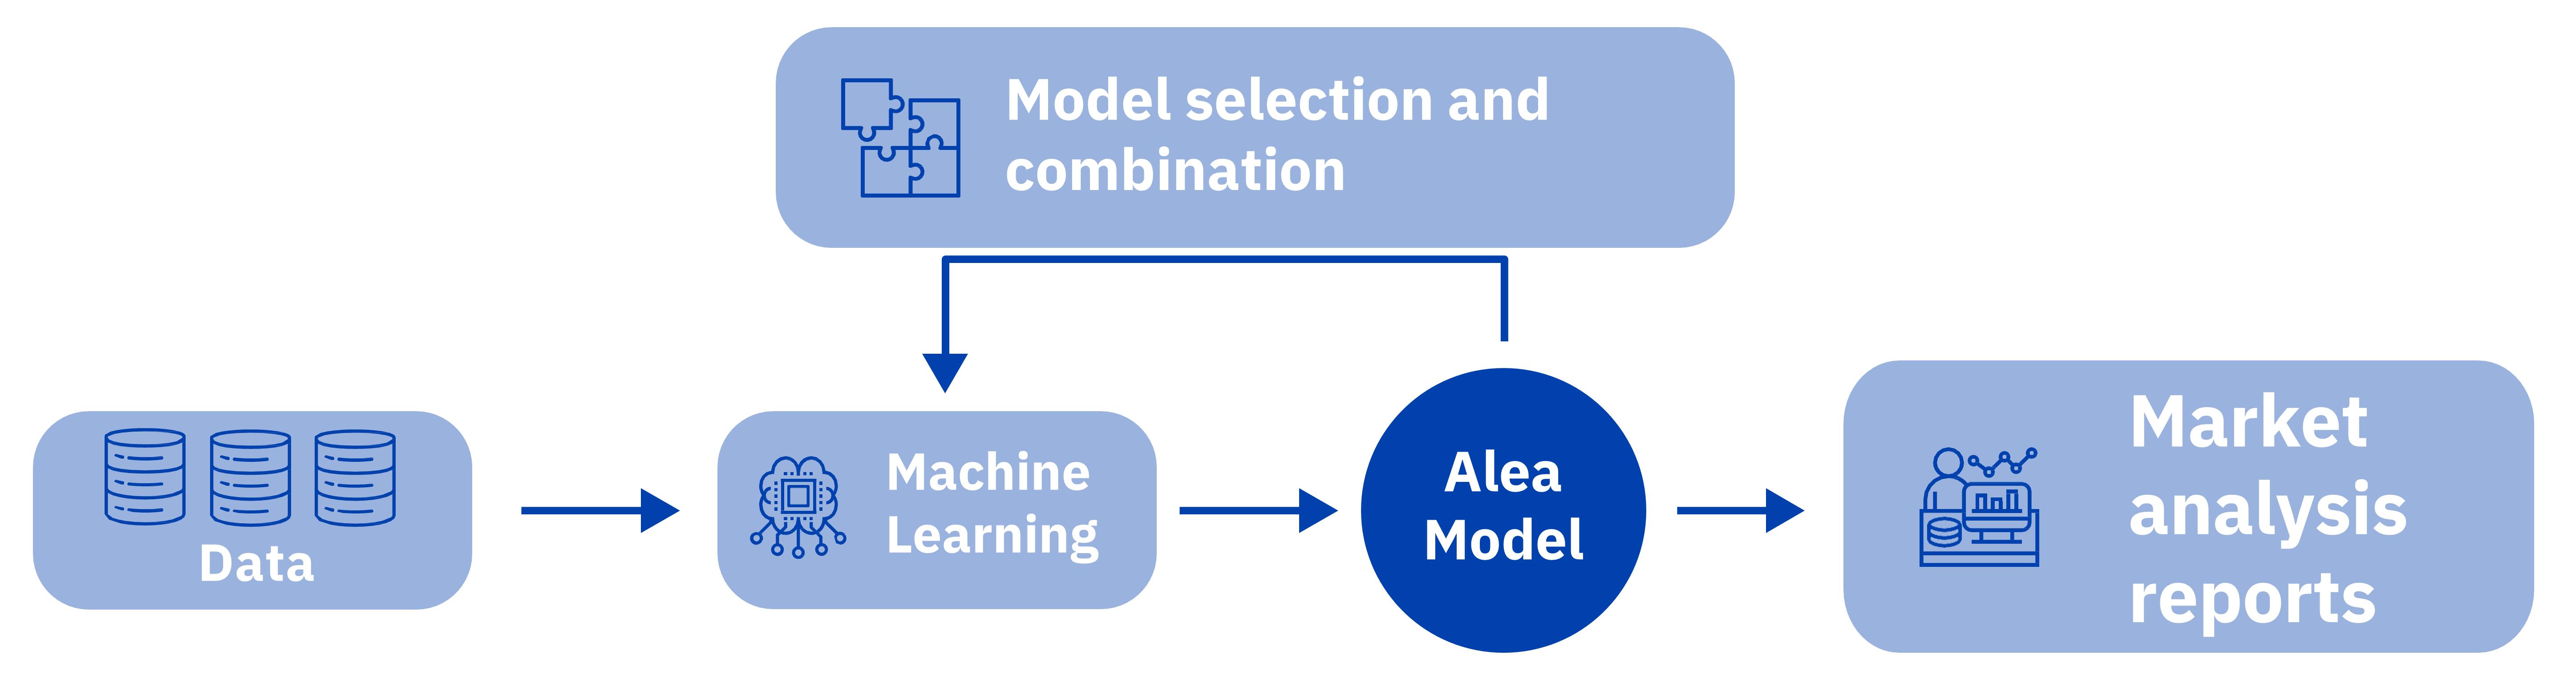 AleaSoft - AleaModel Machine Learning Artificial Intelligence